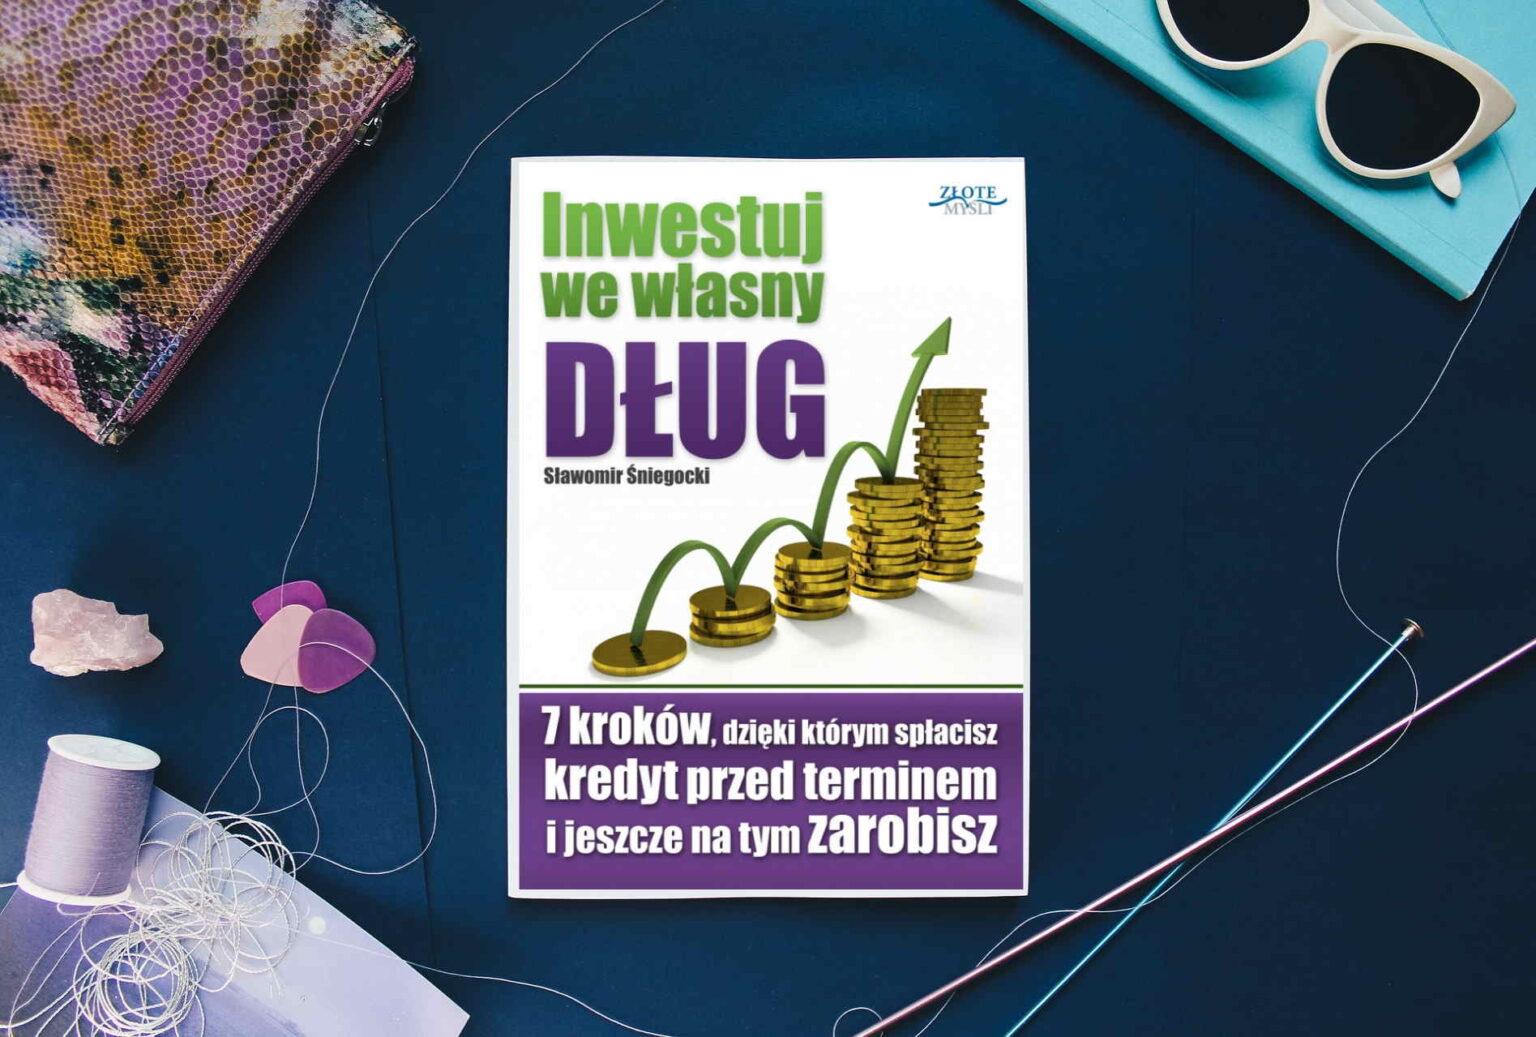 """Poznaj bestseller """"Inwestuj we własny dług"""" autor Sławomir Śniegocki"""